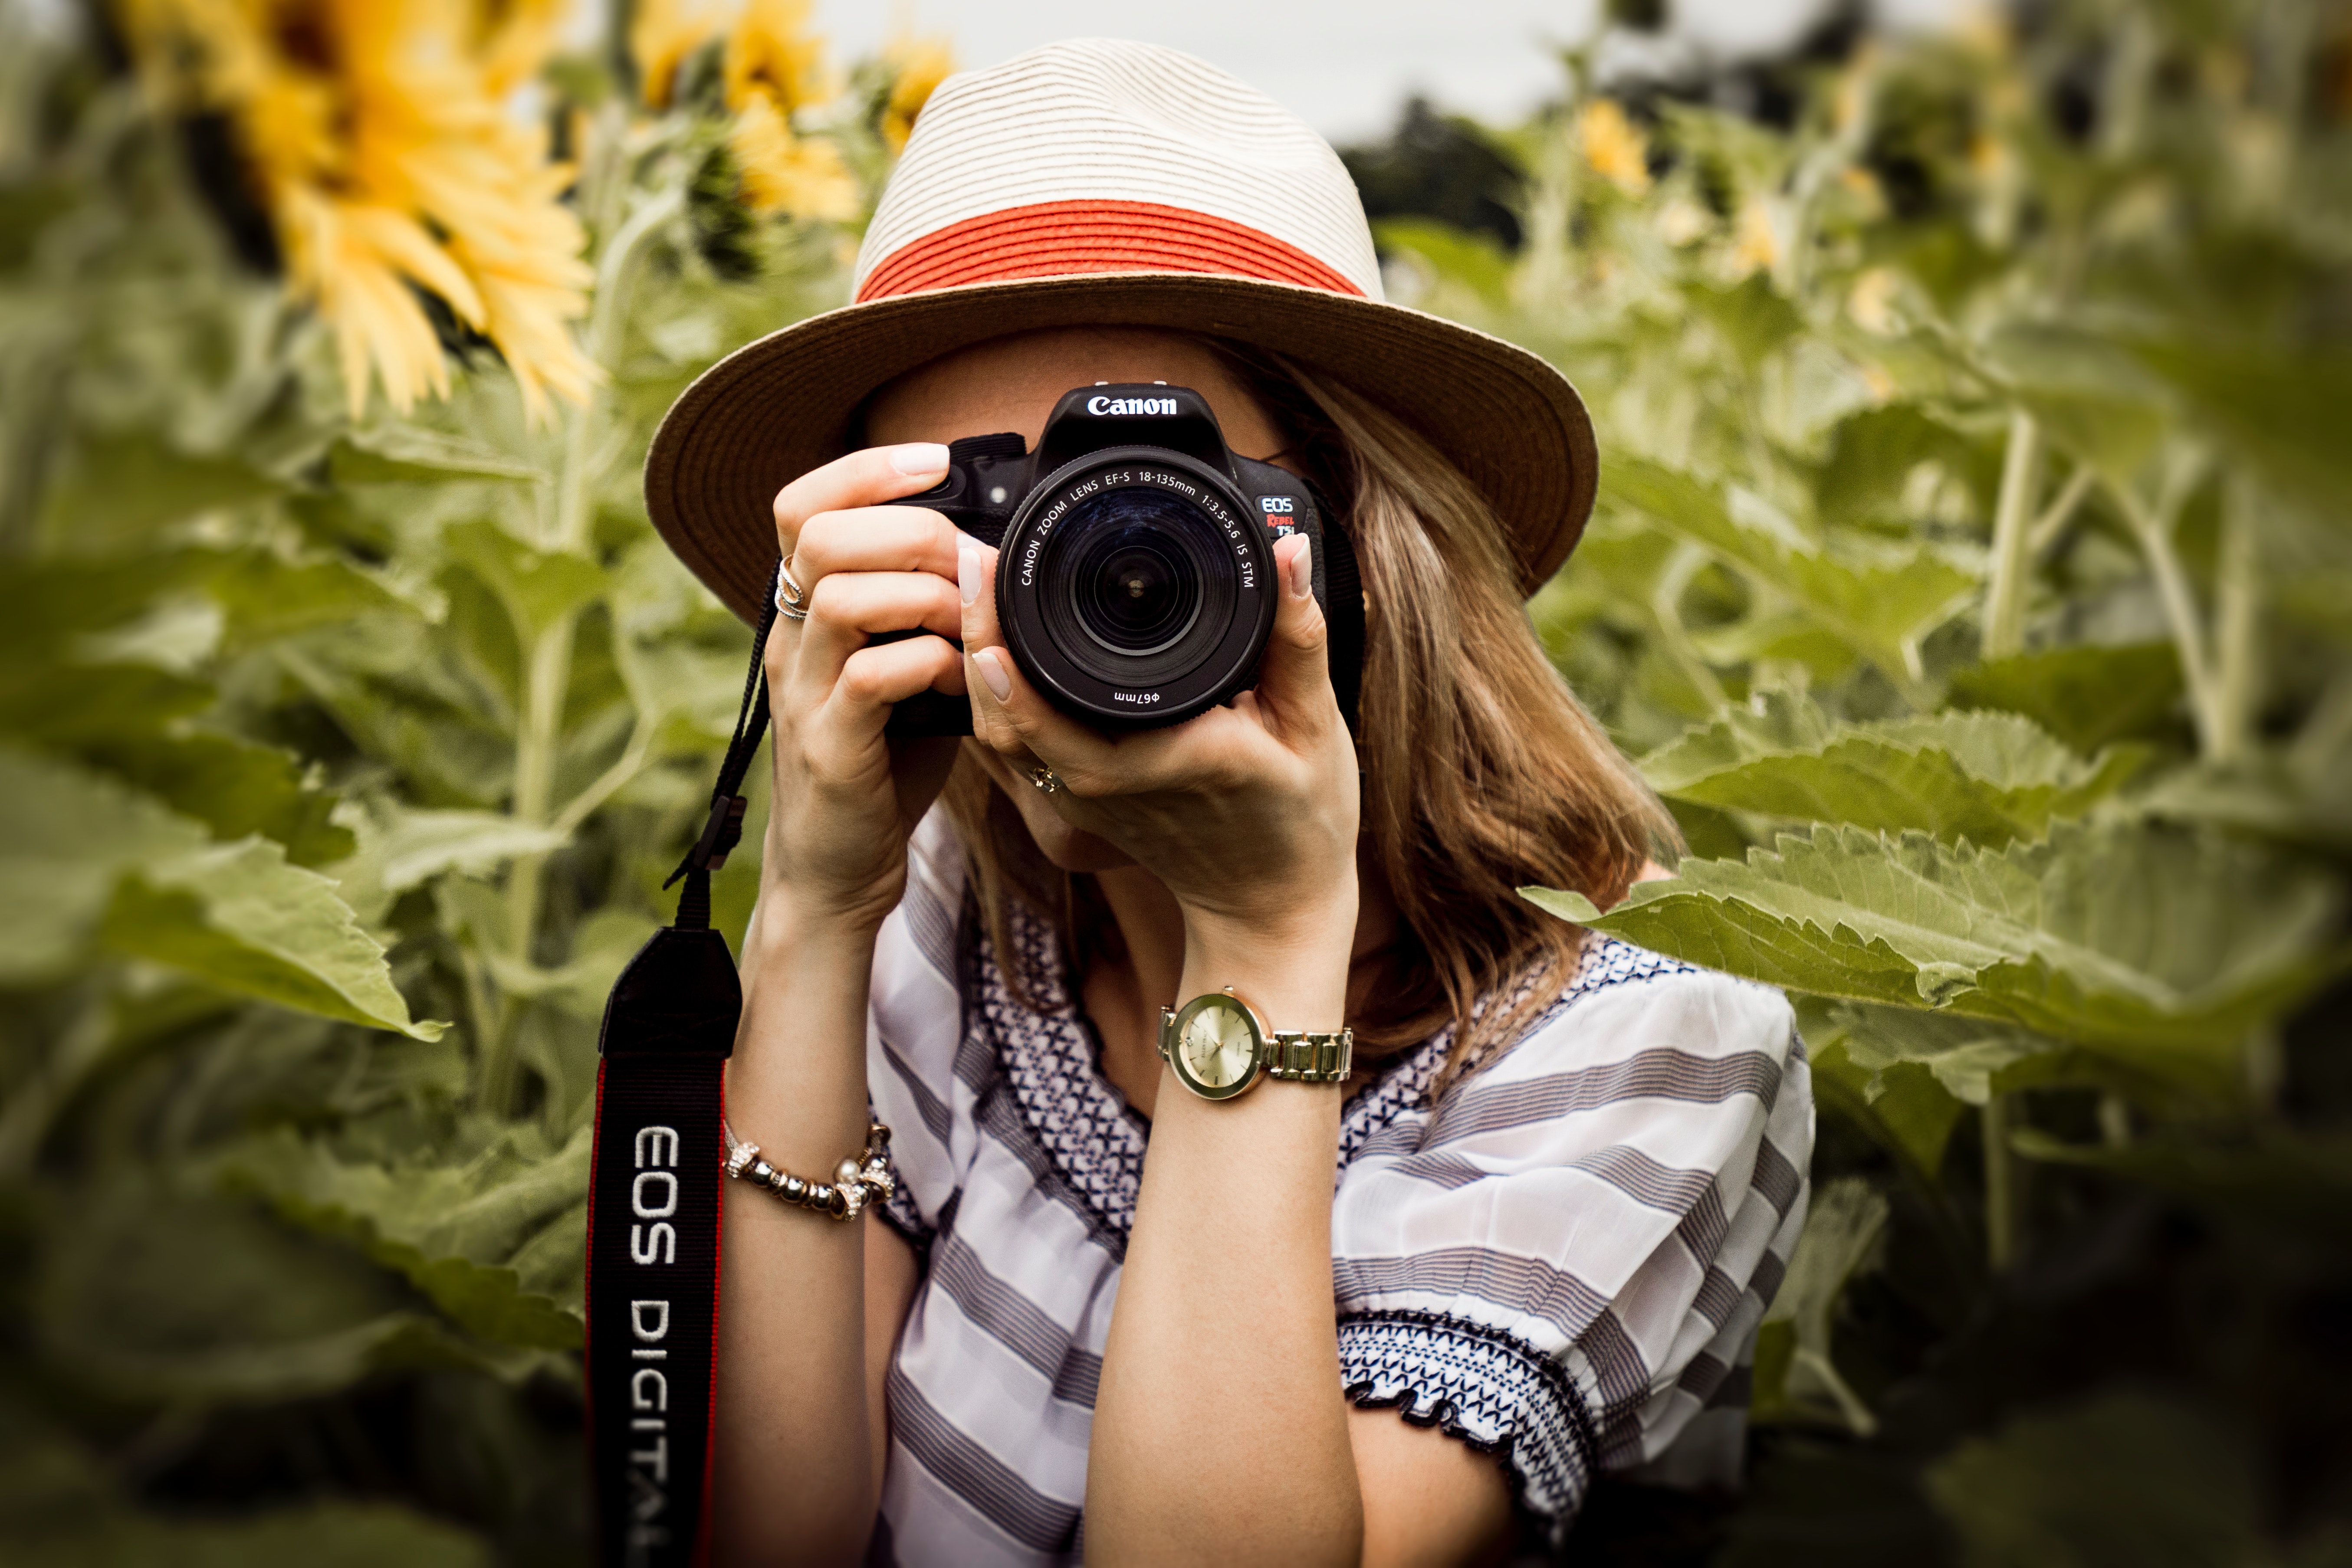 immagine che ritrae una fotografa nell'articolo di presentazione della web editor Eleonora D'Angelo